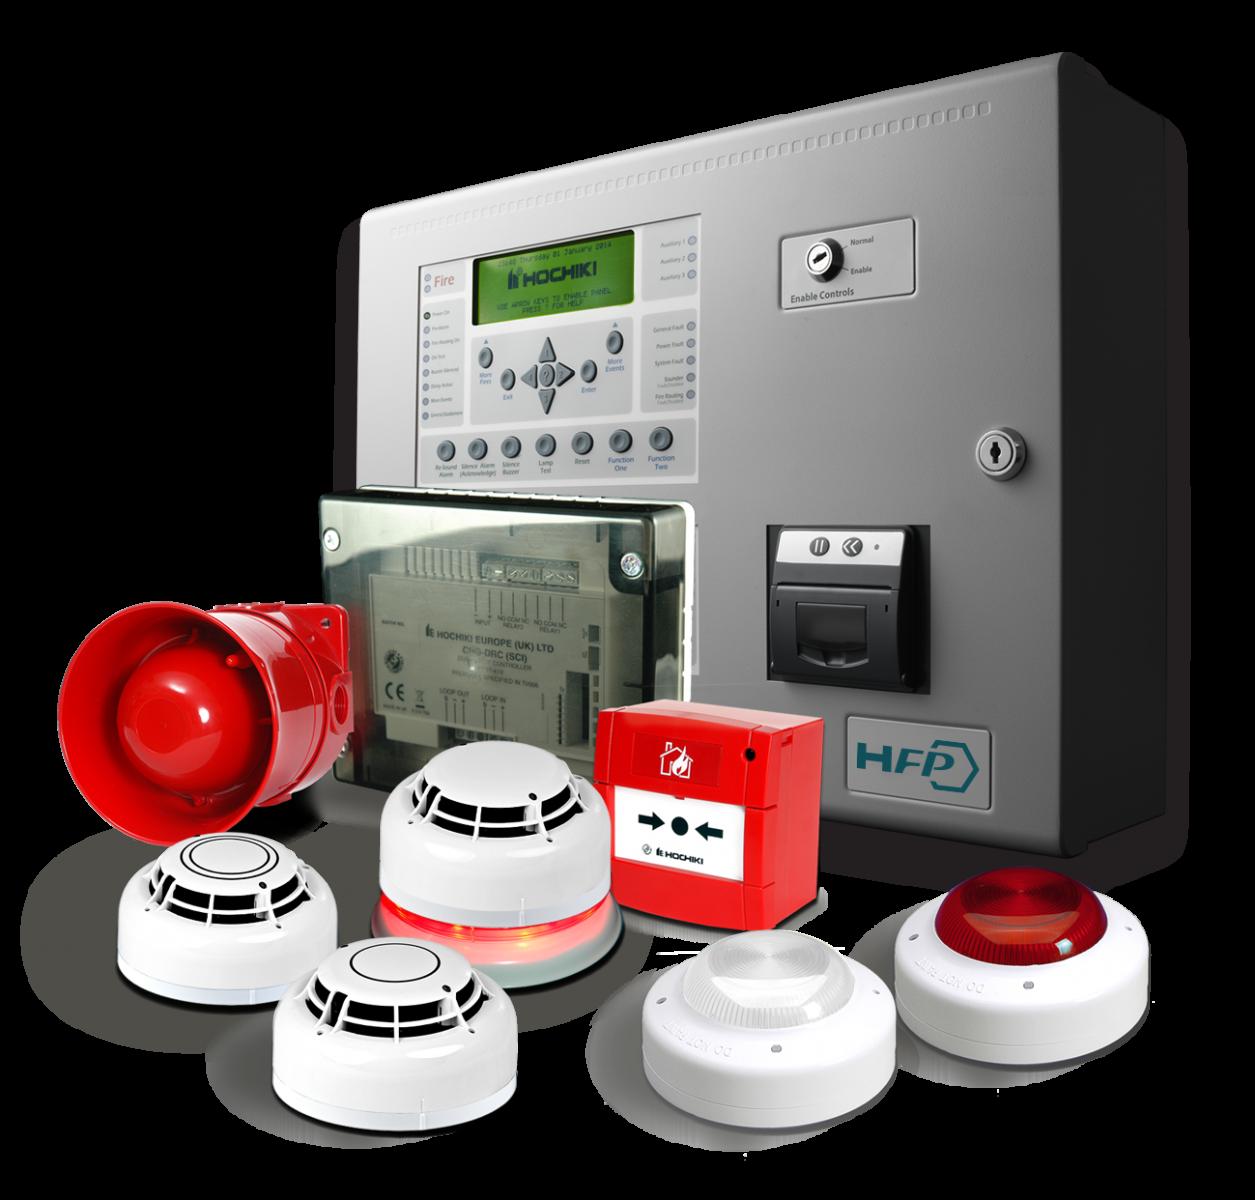 alarm combinig platform.png